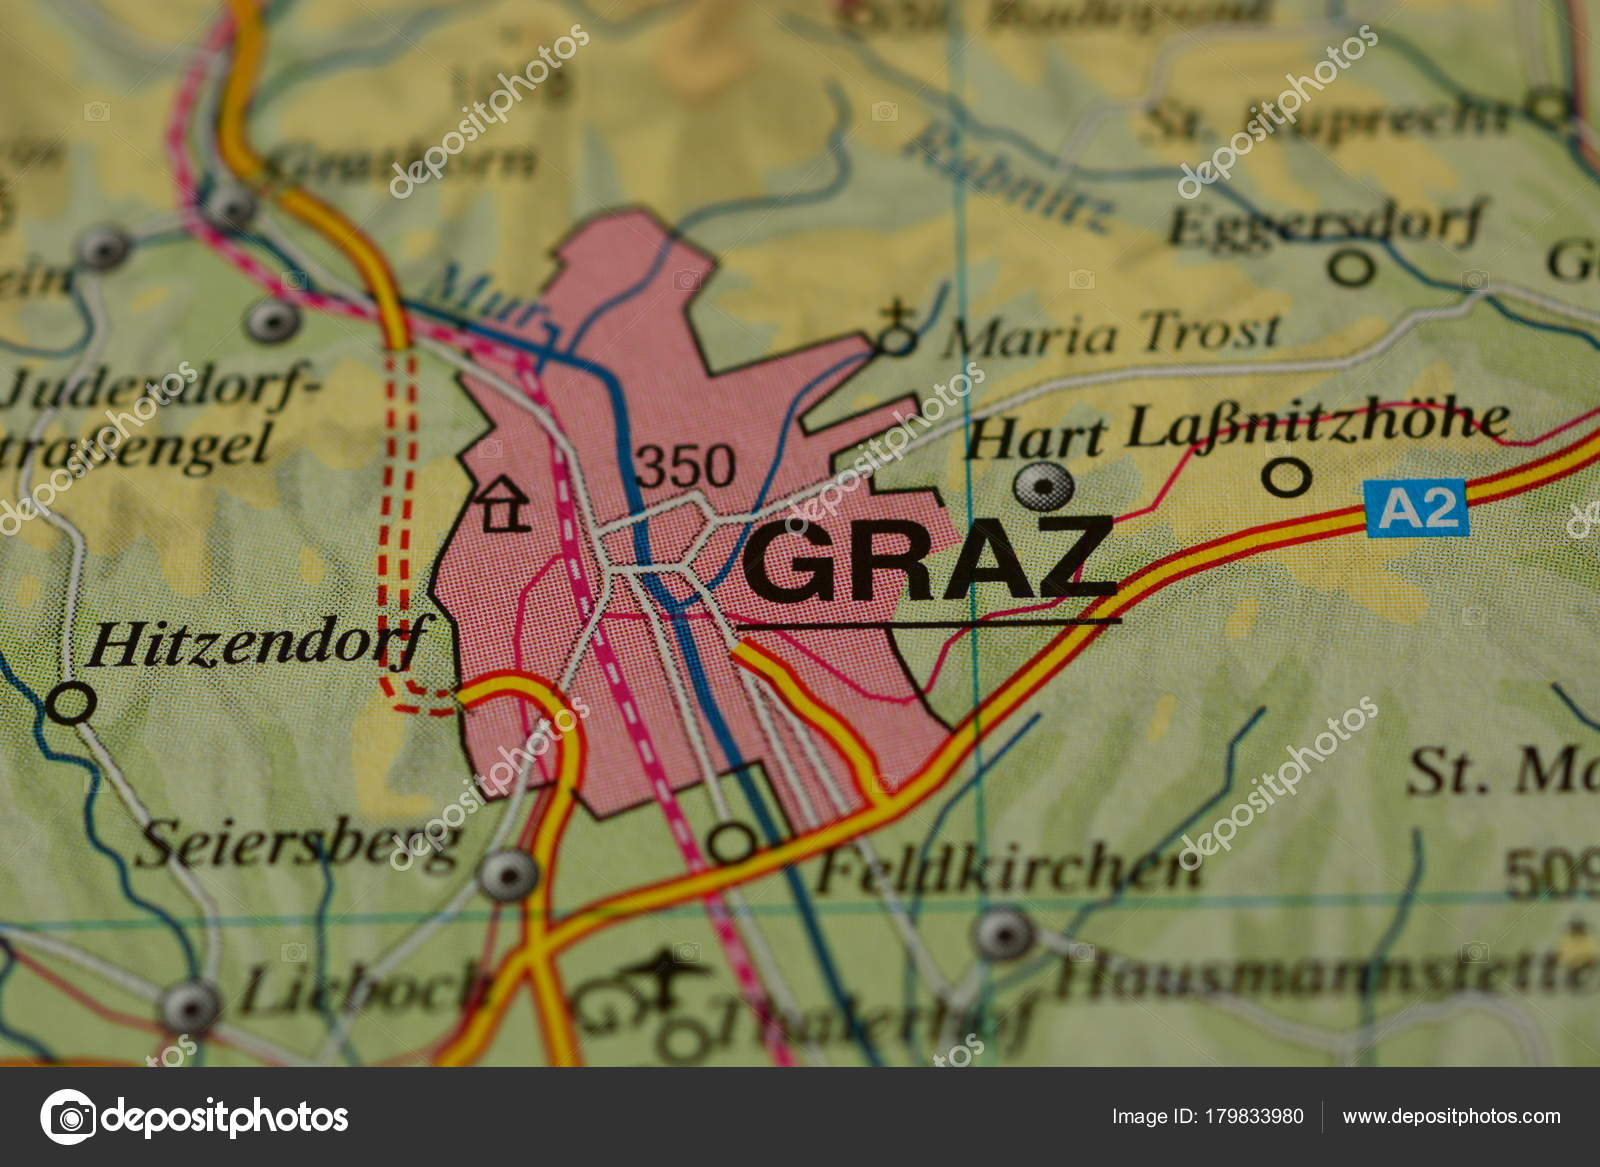 Karte Graz.Stadt Name Graz Auf Der Karte Redaktionelles Stockfoto